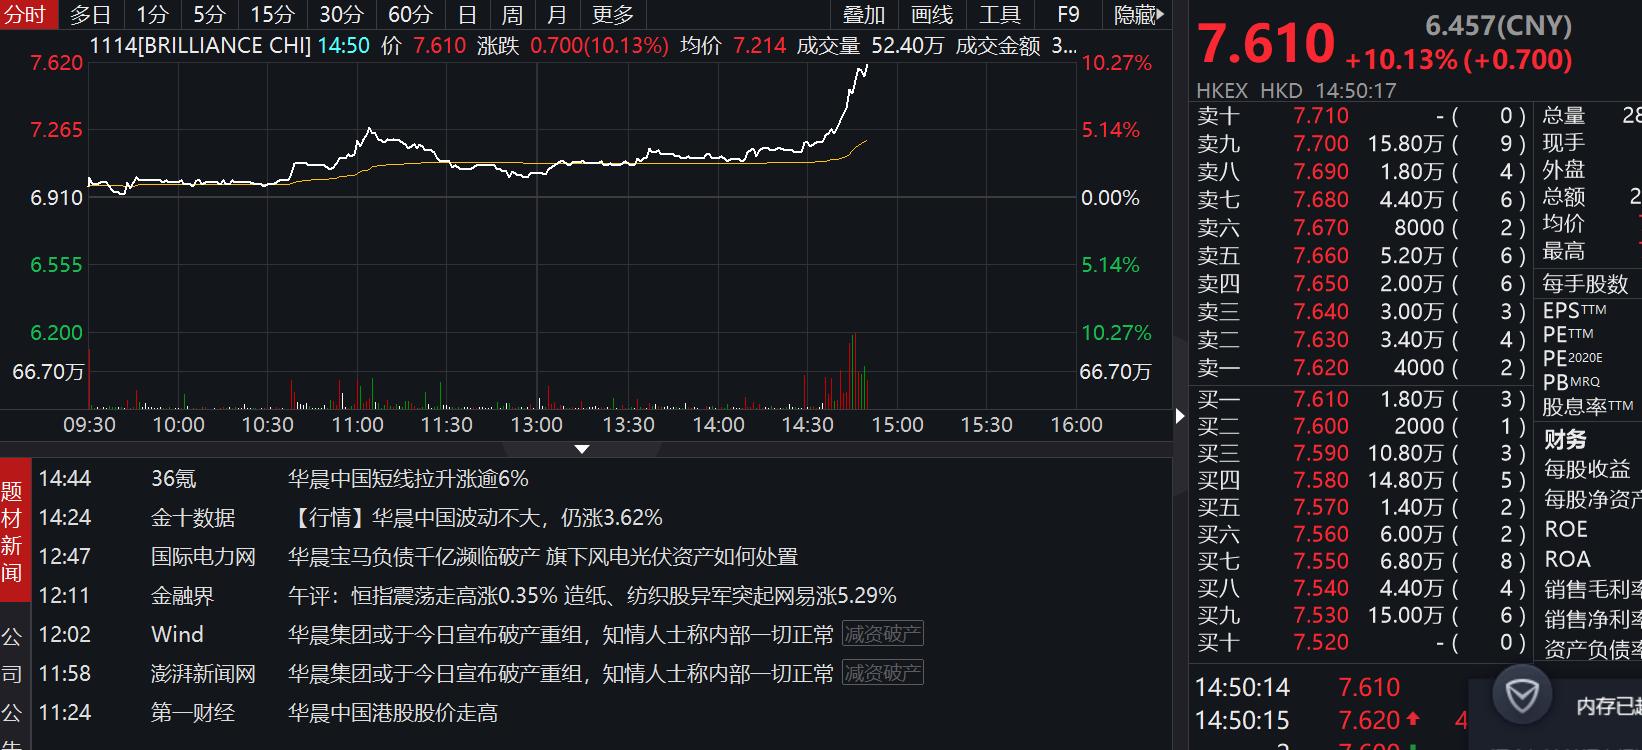 华晨中国涨幅扩大至10% 此前华晨集团正式破产重整